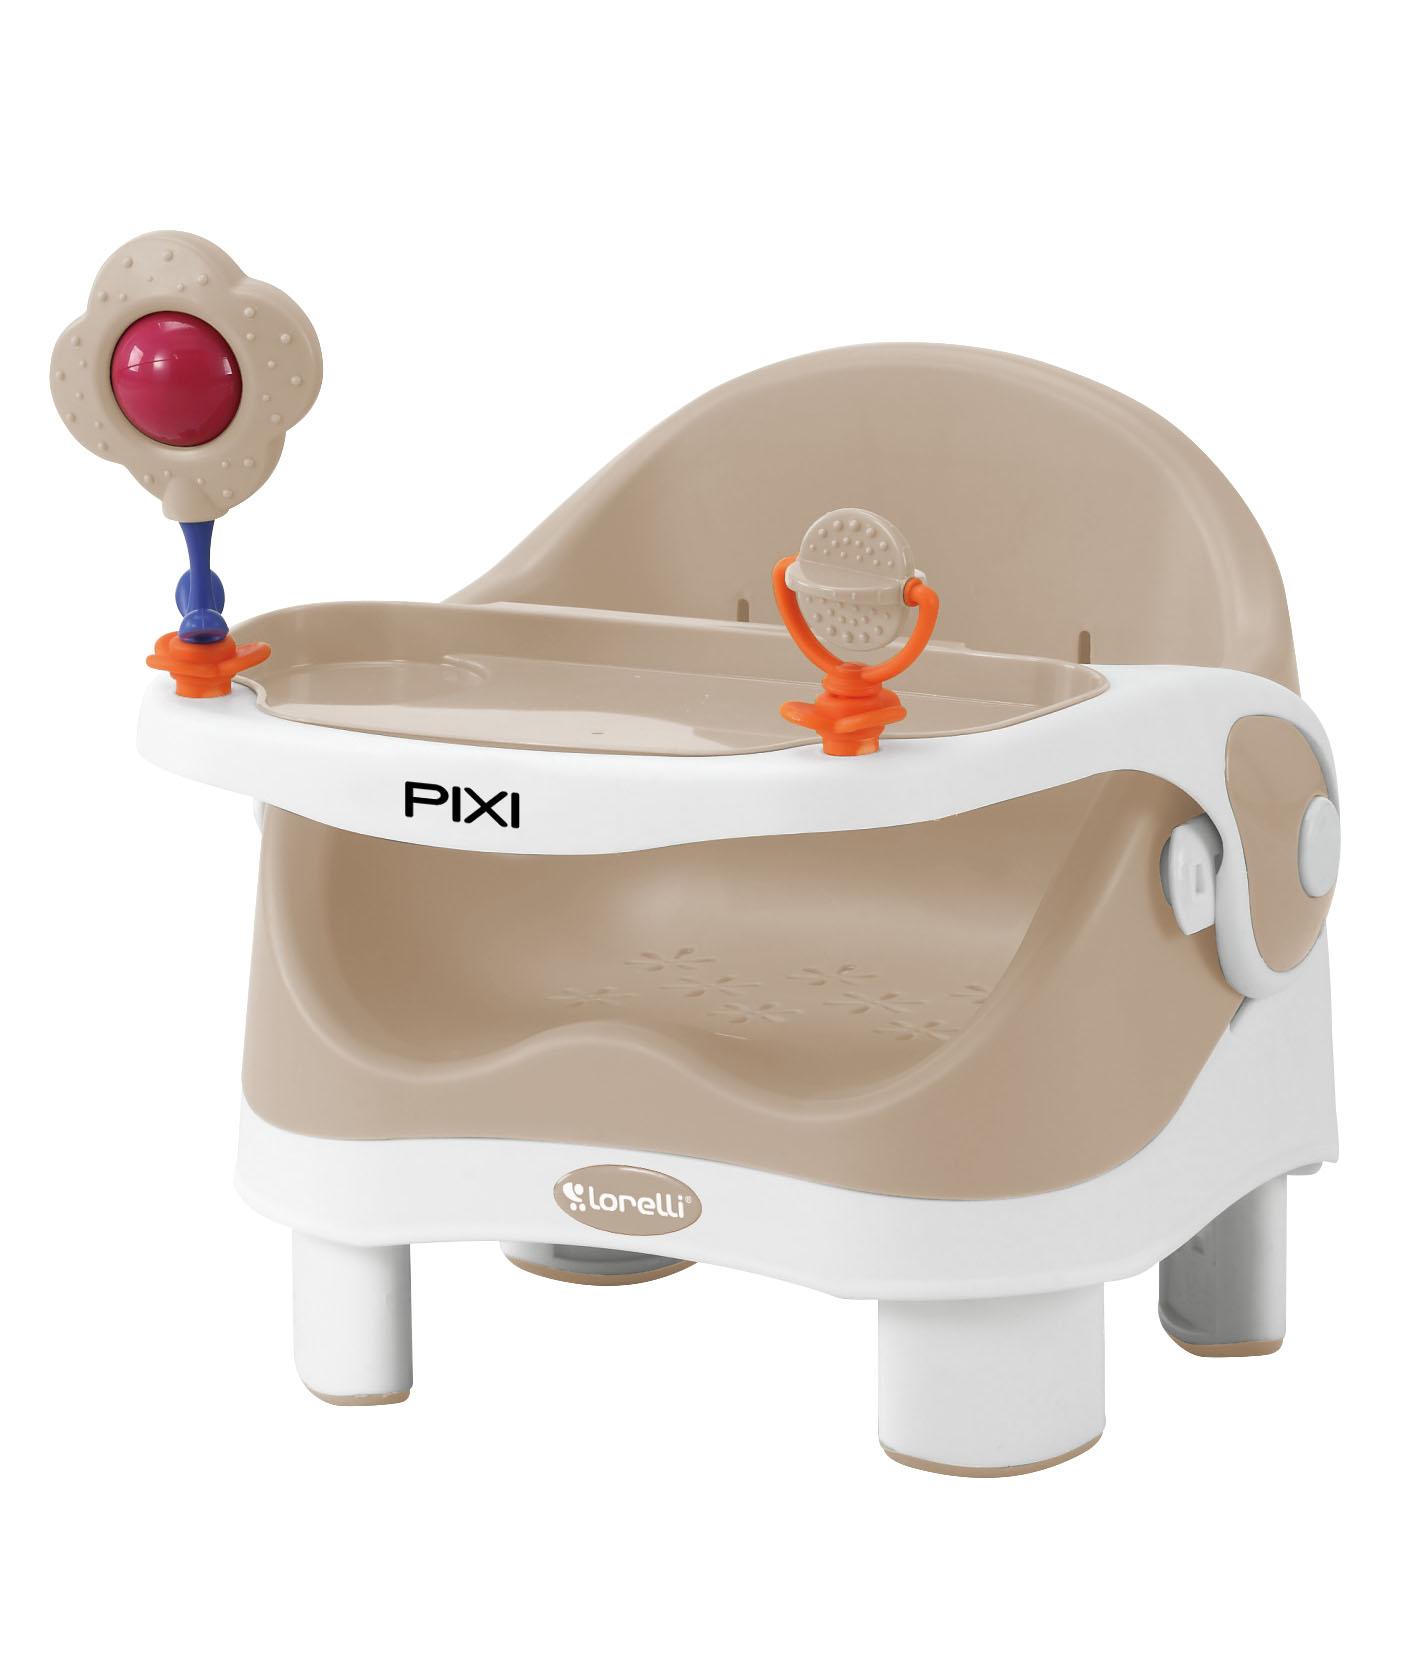 Стульчик для кормления Lorelli Pixi, 10100282 бежевый, белый стульчик для кормления lorelli